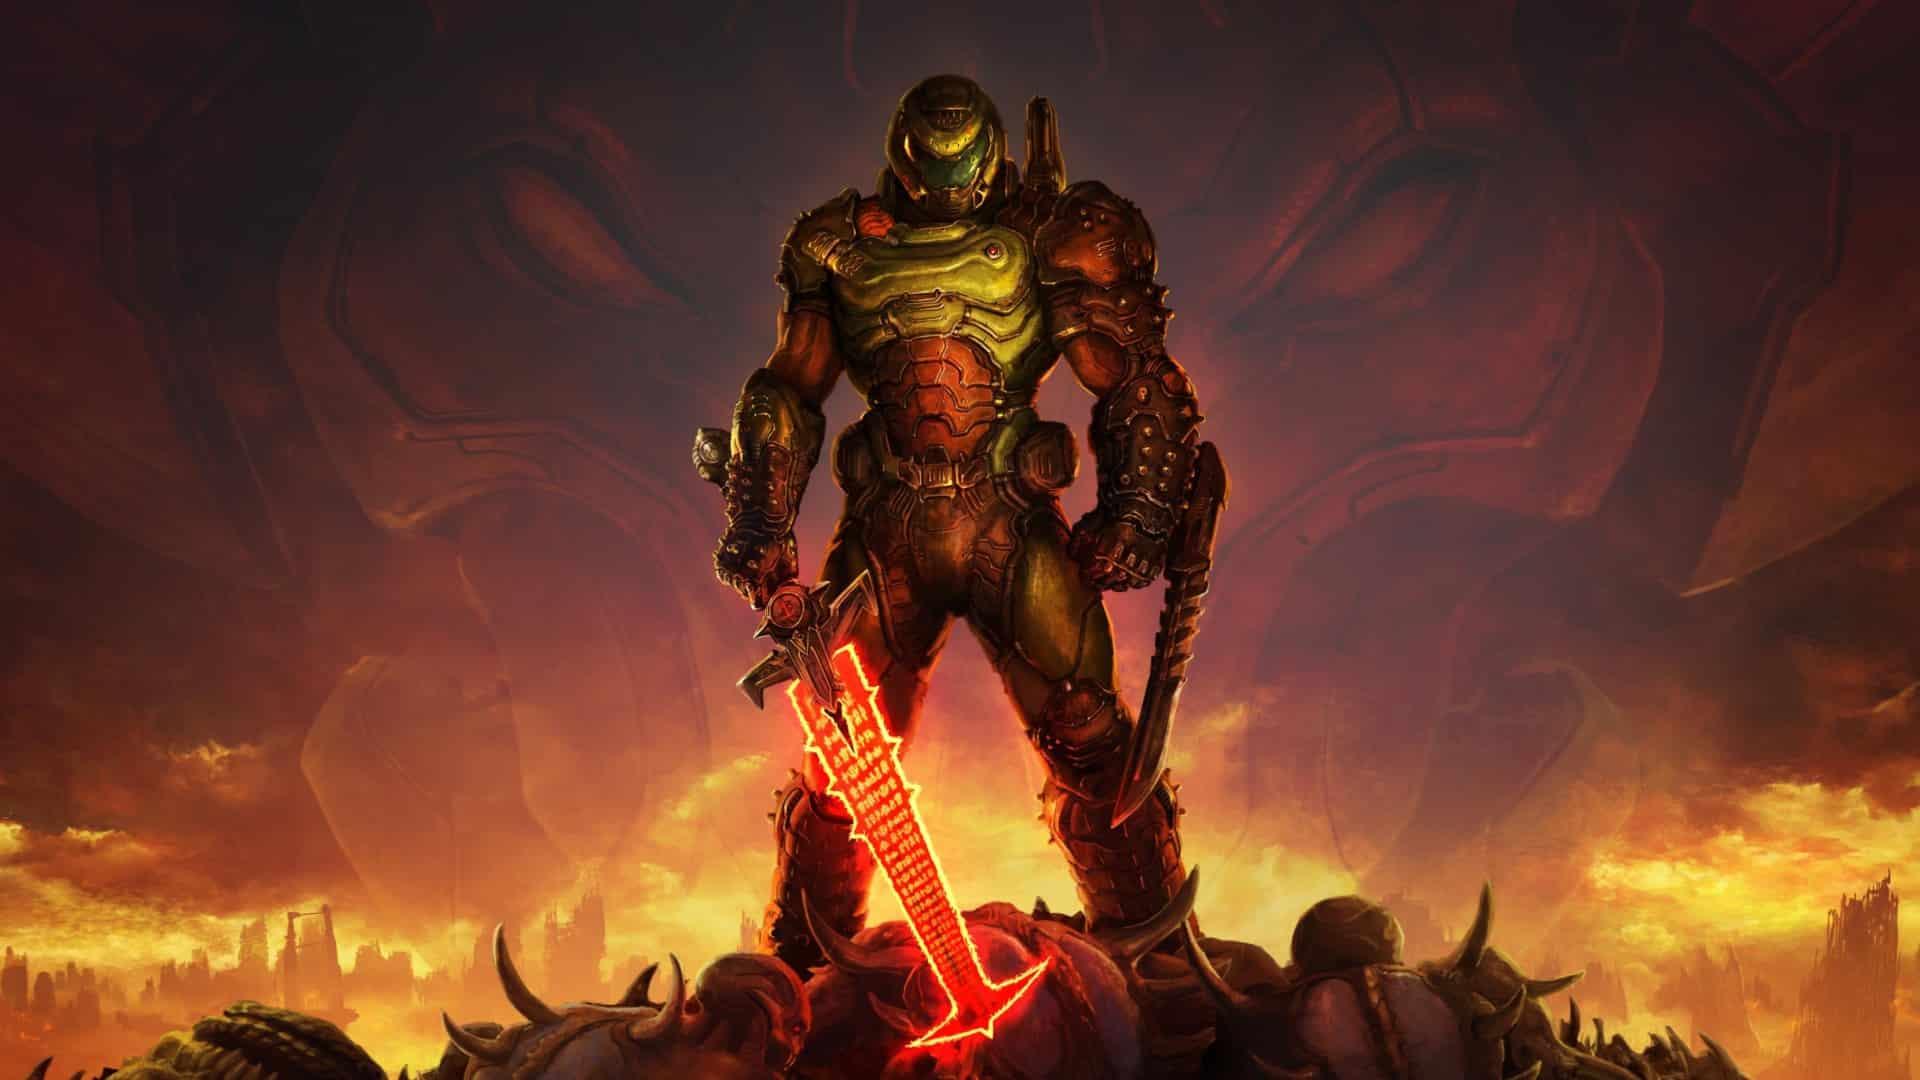 Doom Eternal Dlc Screenshots Tease First Campaign Expansion